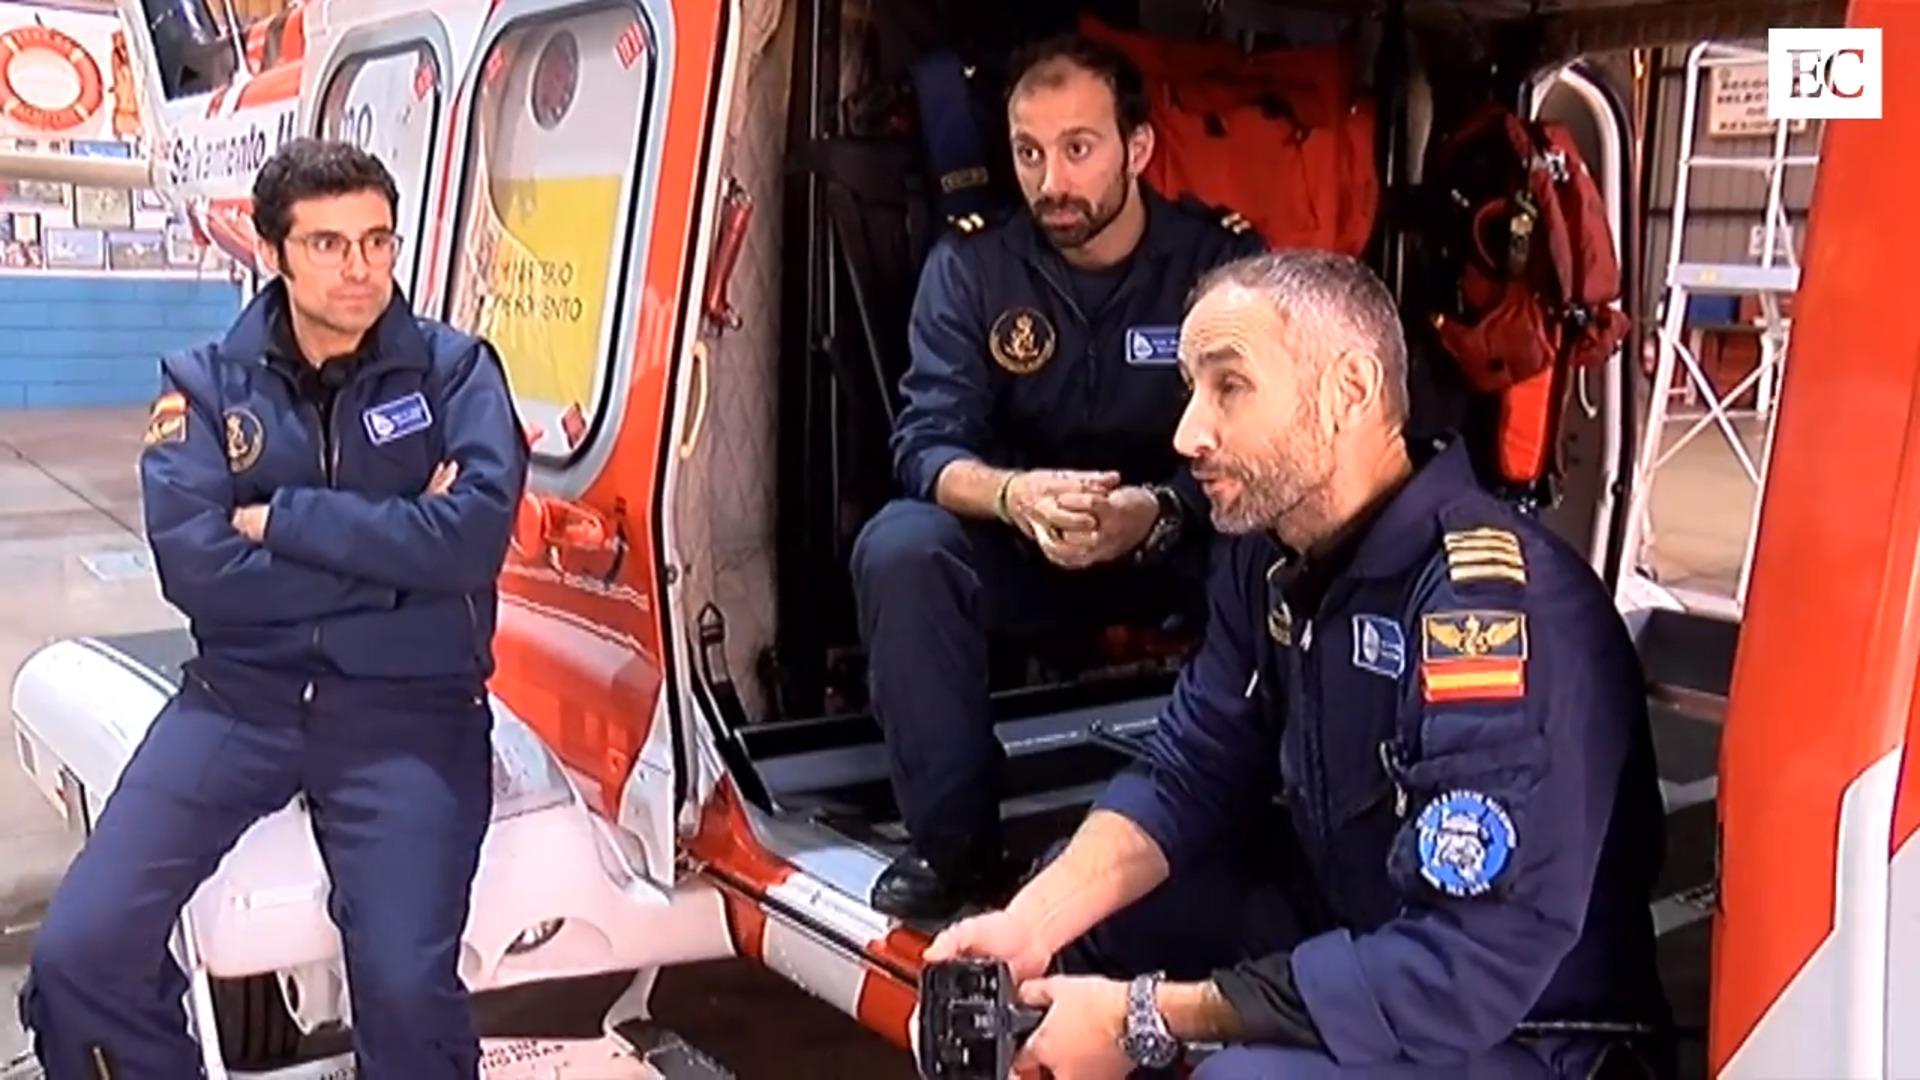 Antonio Piñeiro, rescatador del Helimer:«Pensé que había pasado algo gordo cuando vi toda la estructura tirada en el suelo»